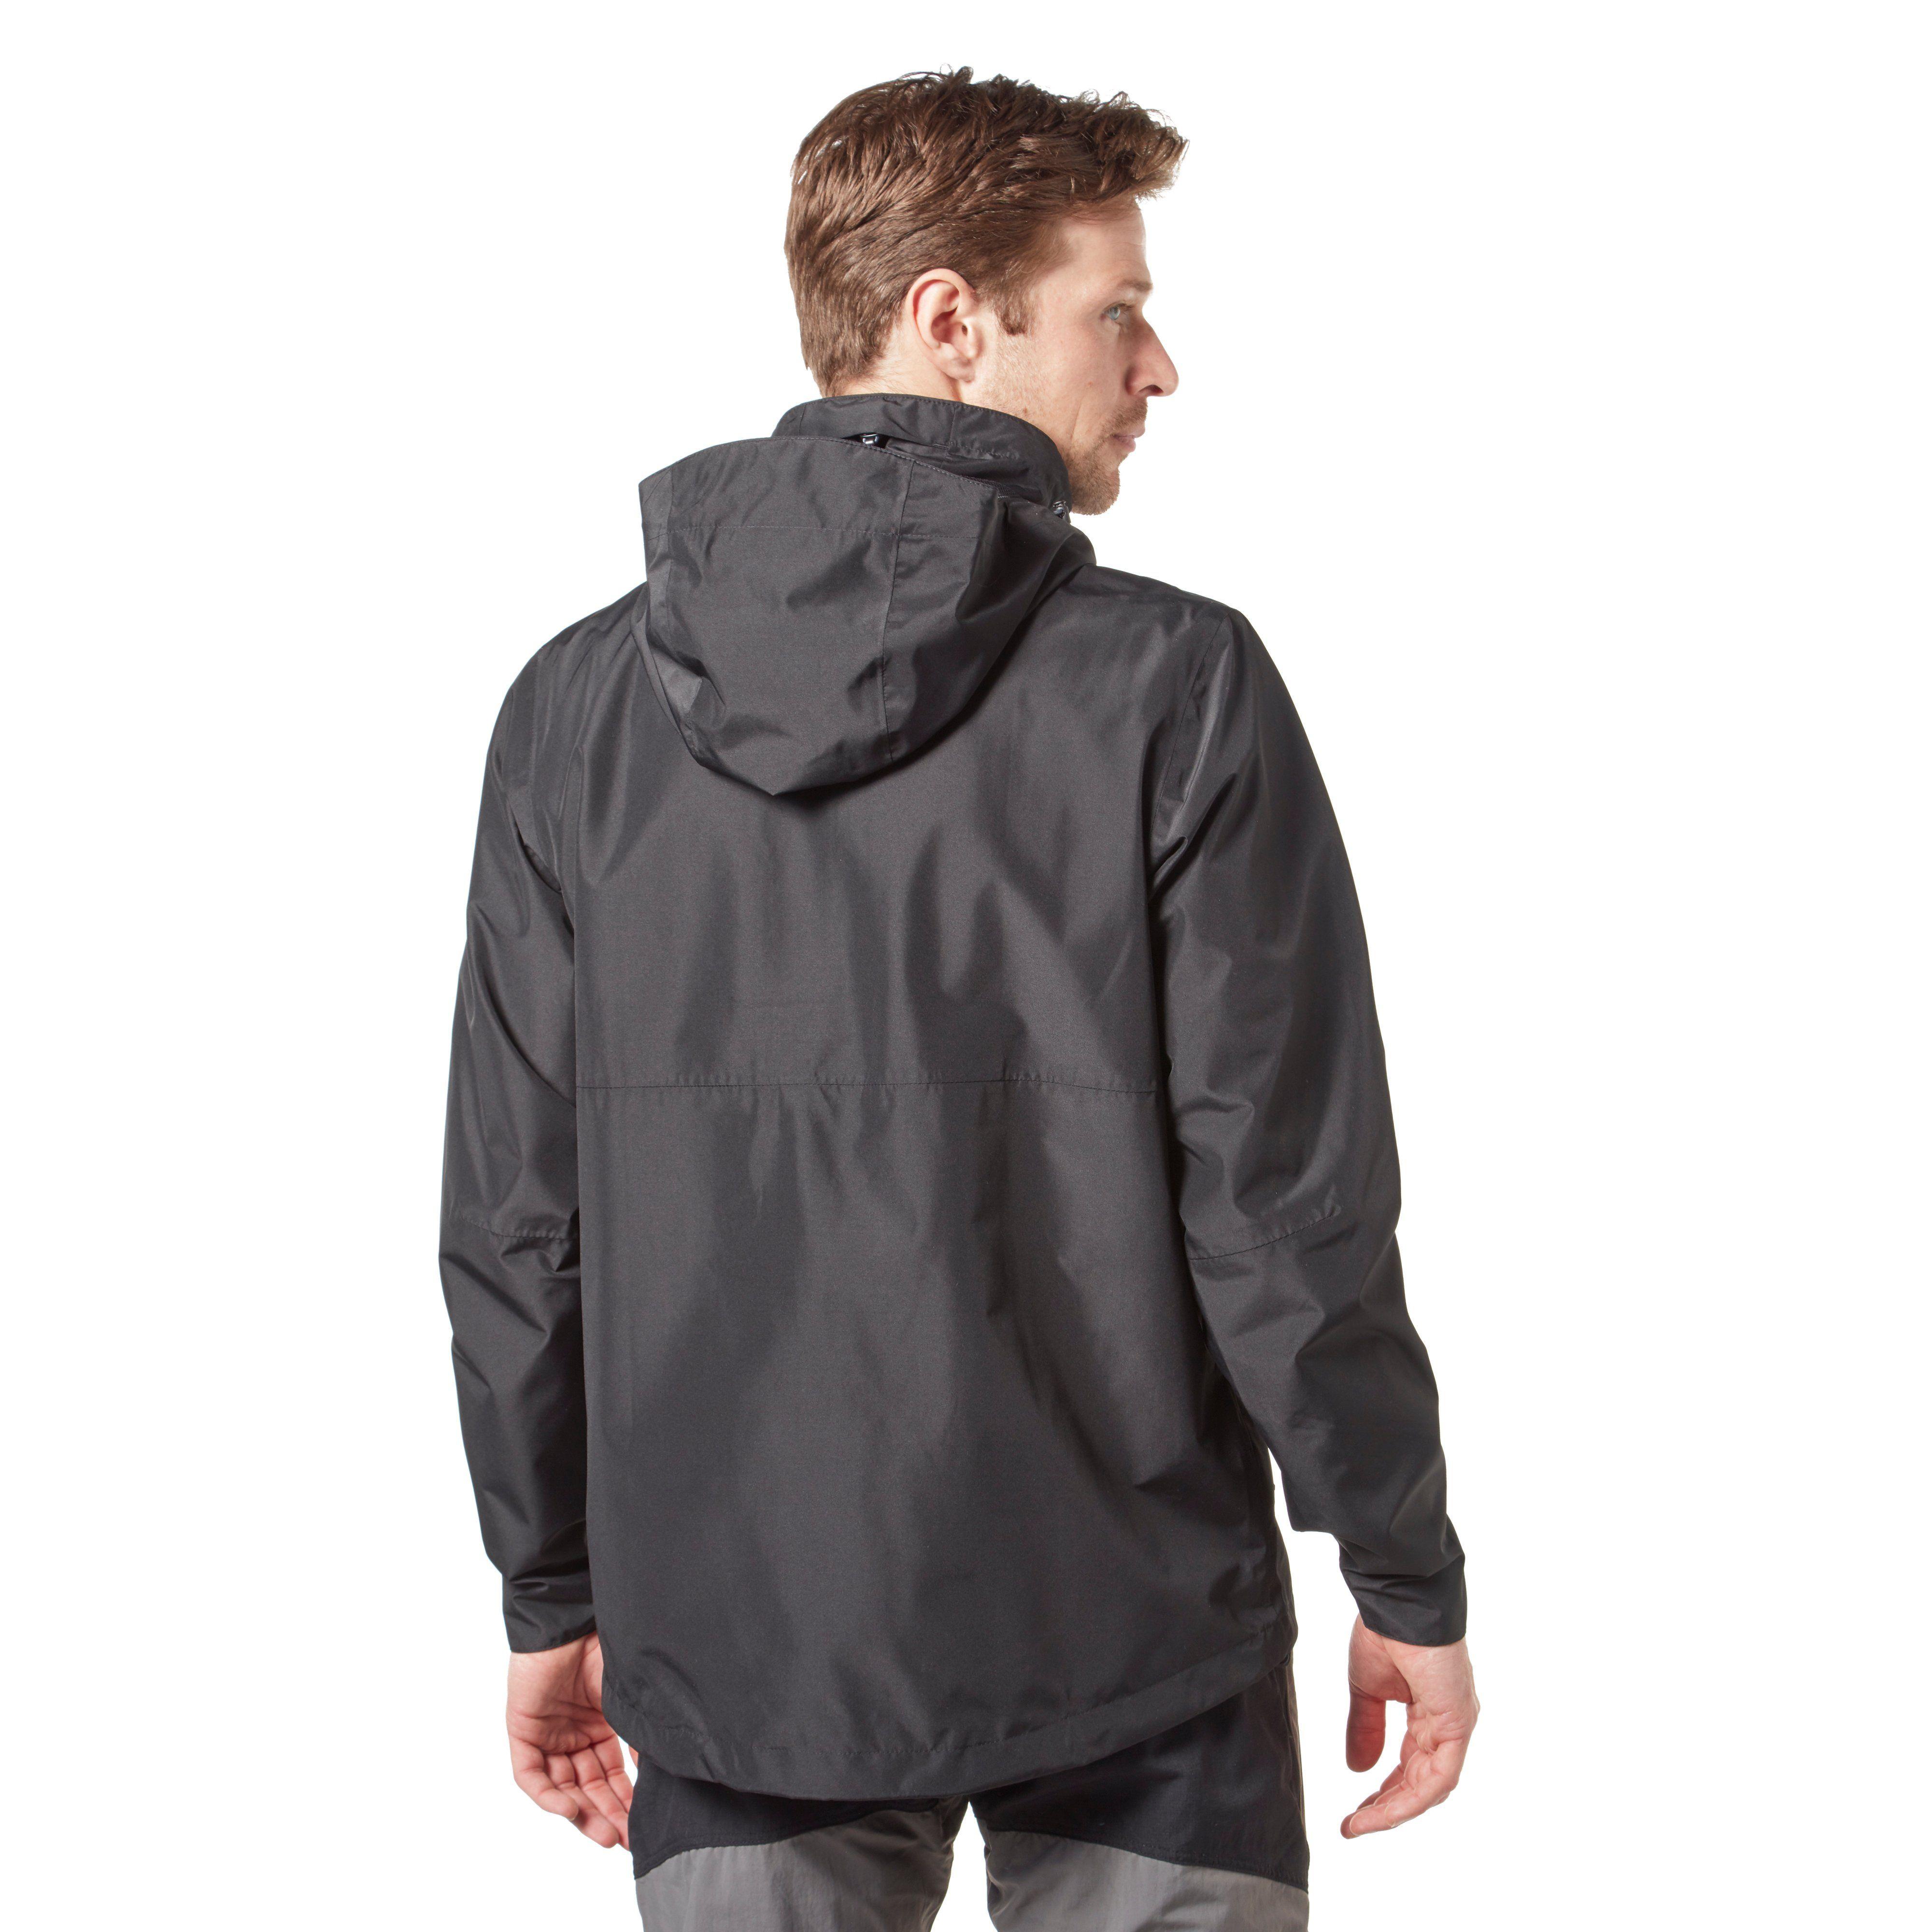 Jack Wolfskin Evandale Men's Jacket